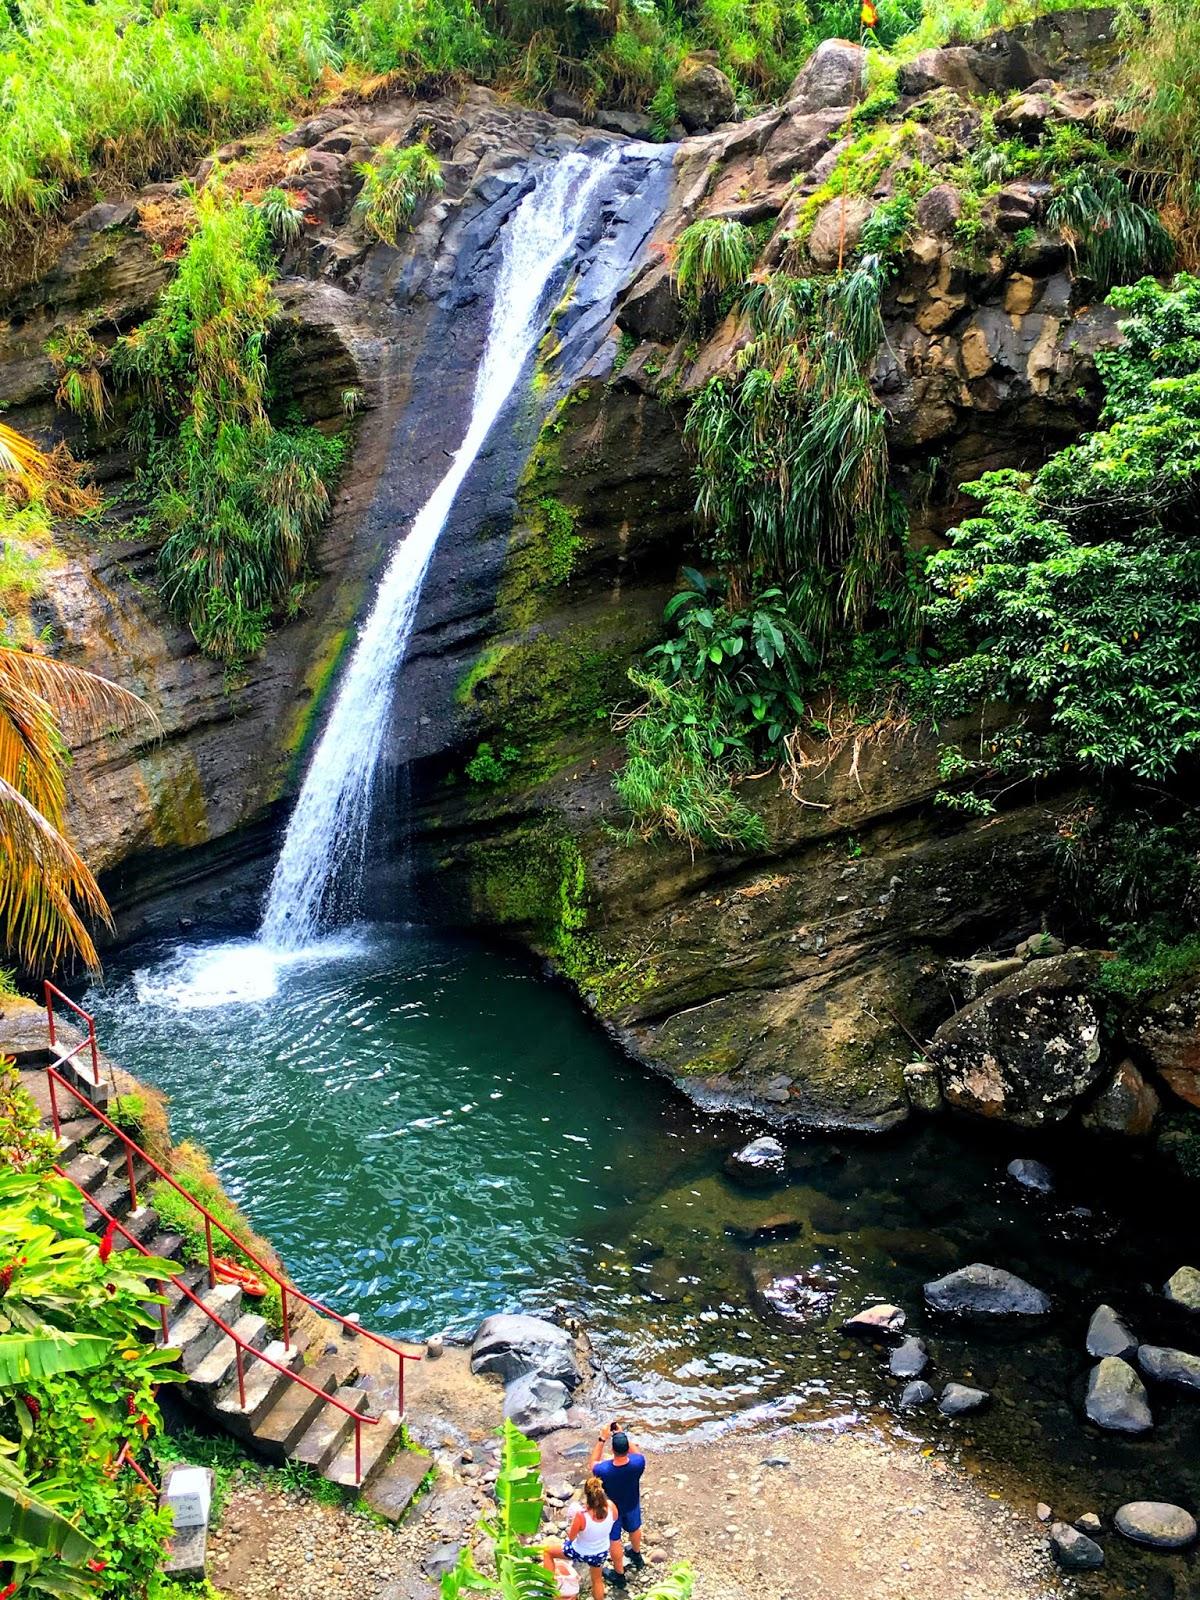 Eastern Caribbean_Prickley Bay, Grenada 08-02-19 to 15-02-19